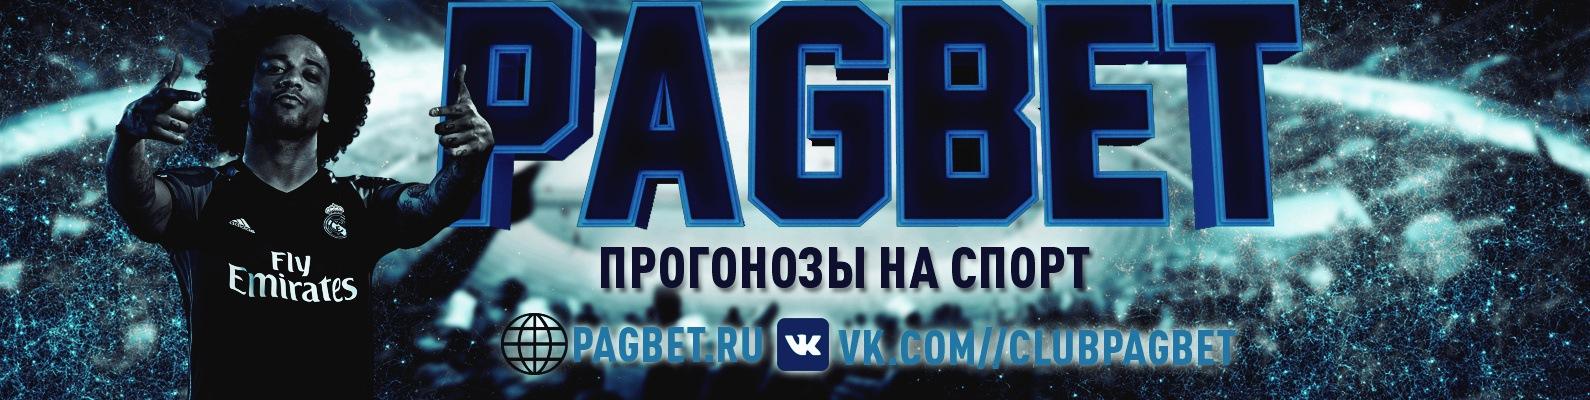 Лучшая группа вк прогнозы ставки транспортный налог 2015 рязанская область ставки